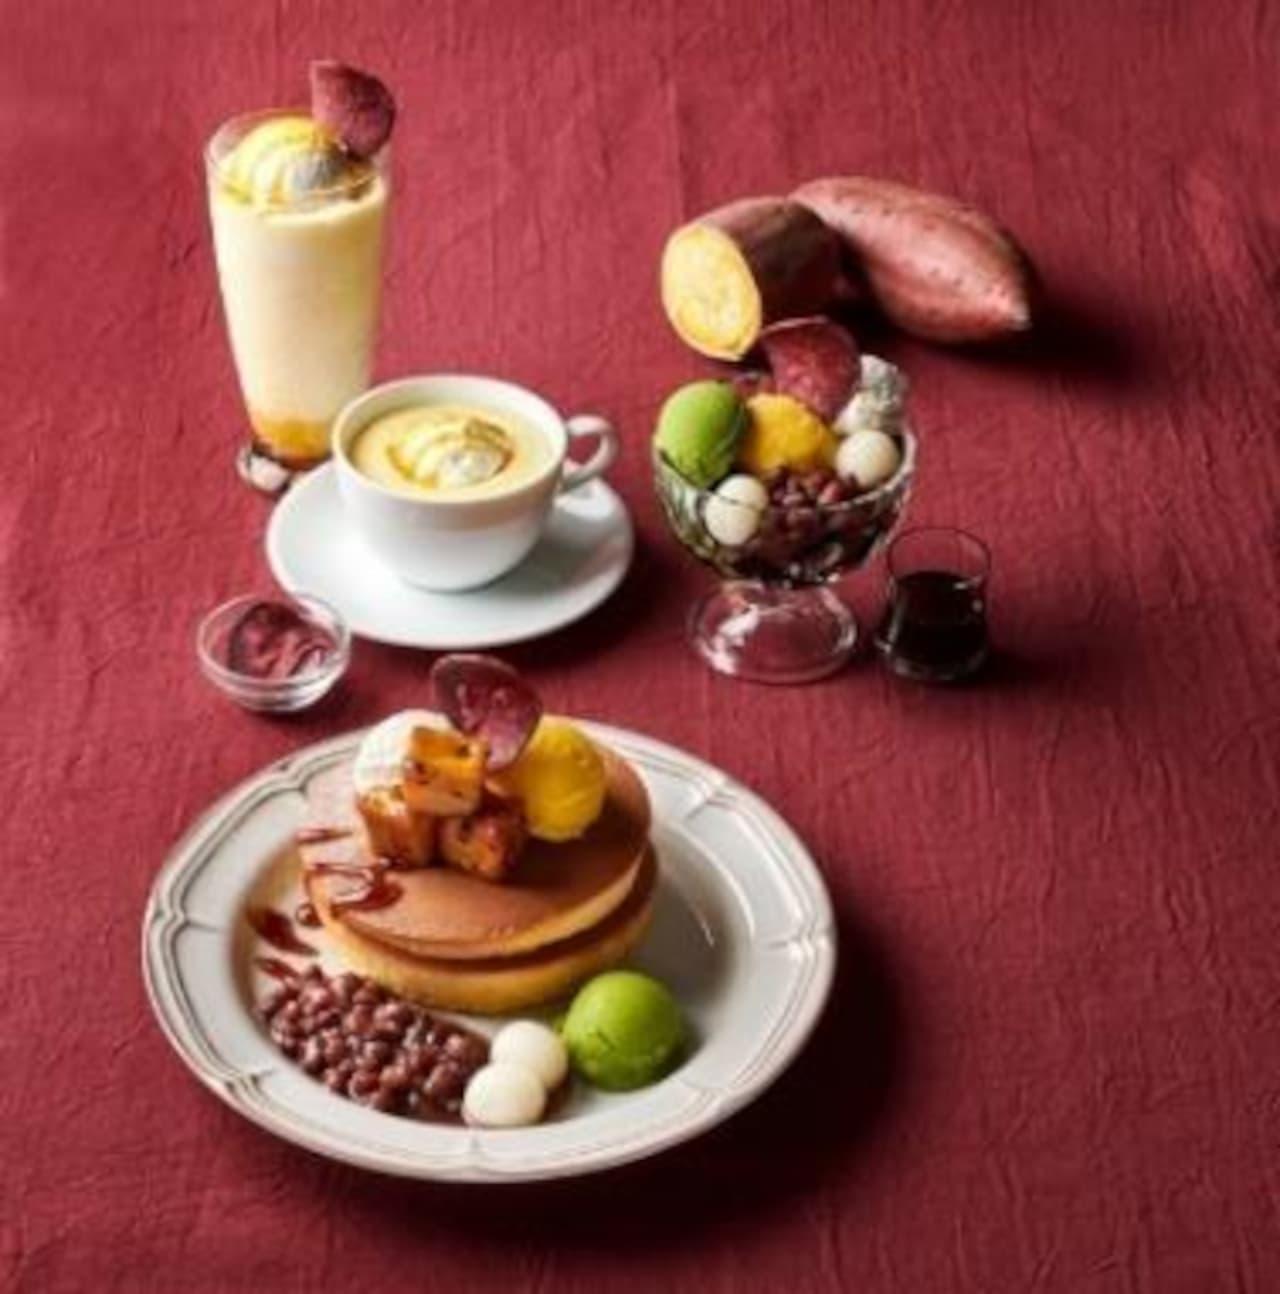 珈琲館「濃厚スイートポテトオレ」「三種のお芋のホットケーキ」」「お芋の彩りあんみつ」